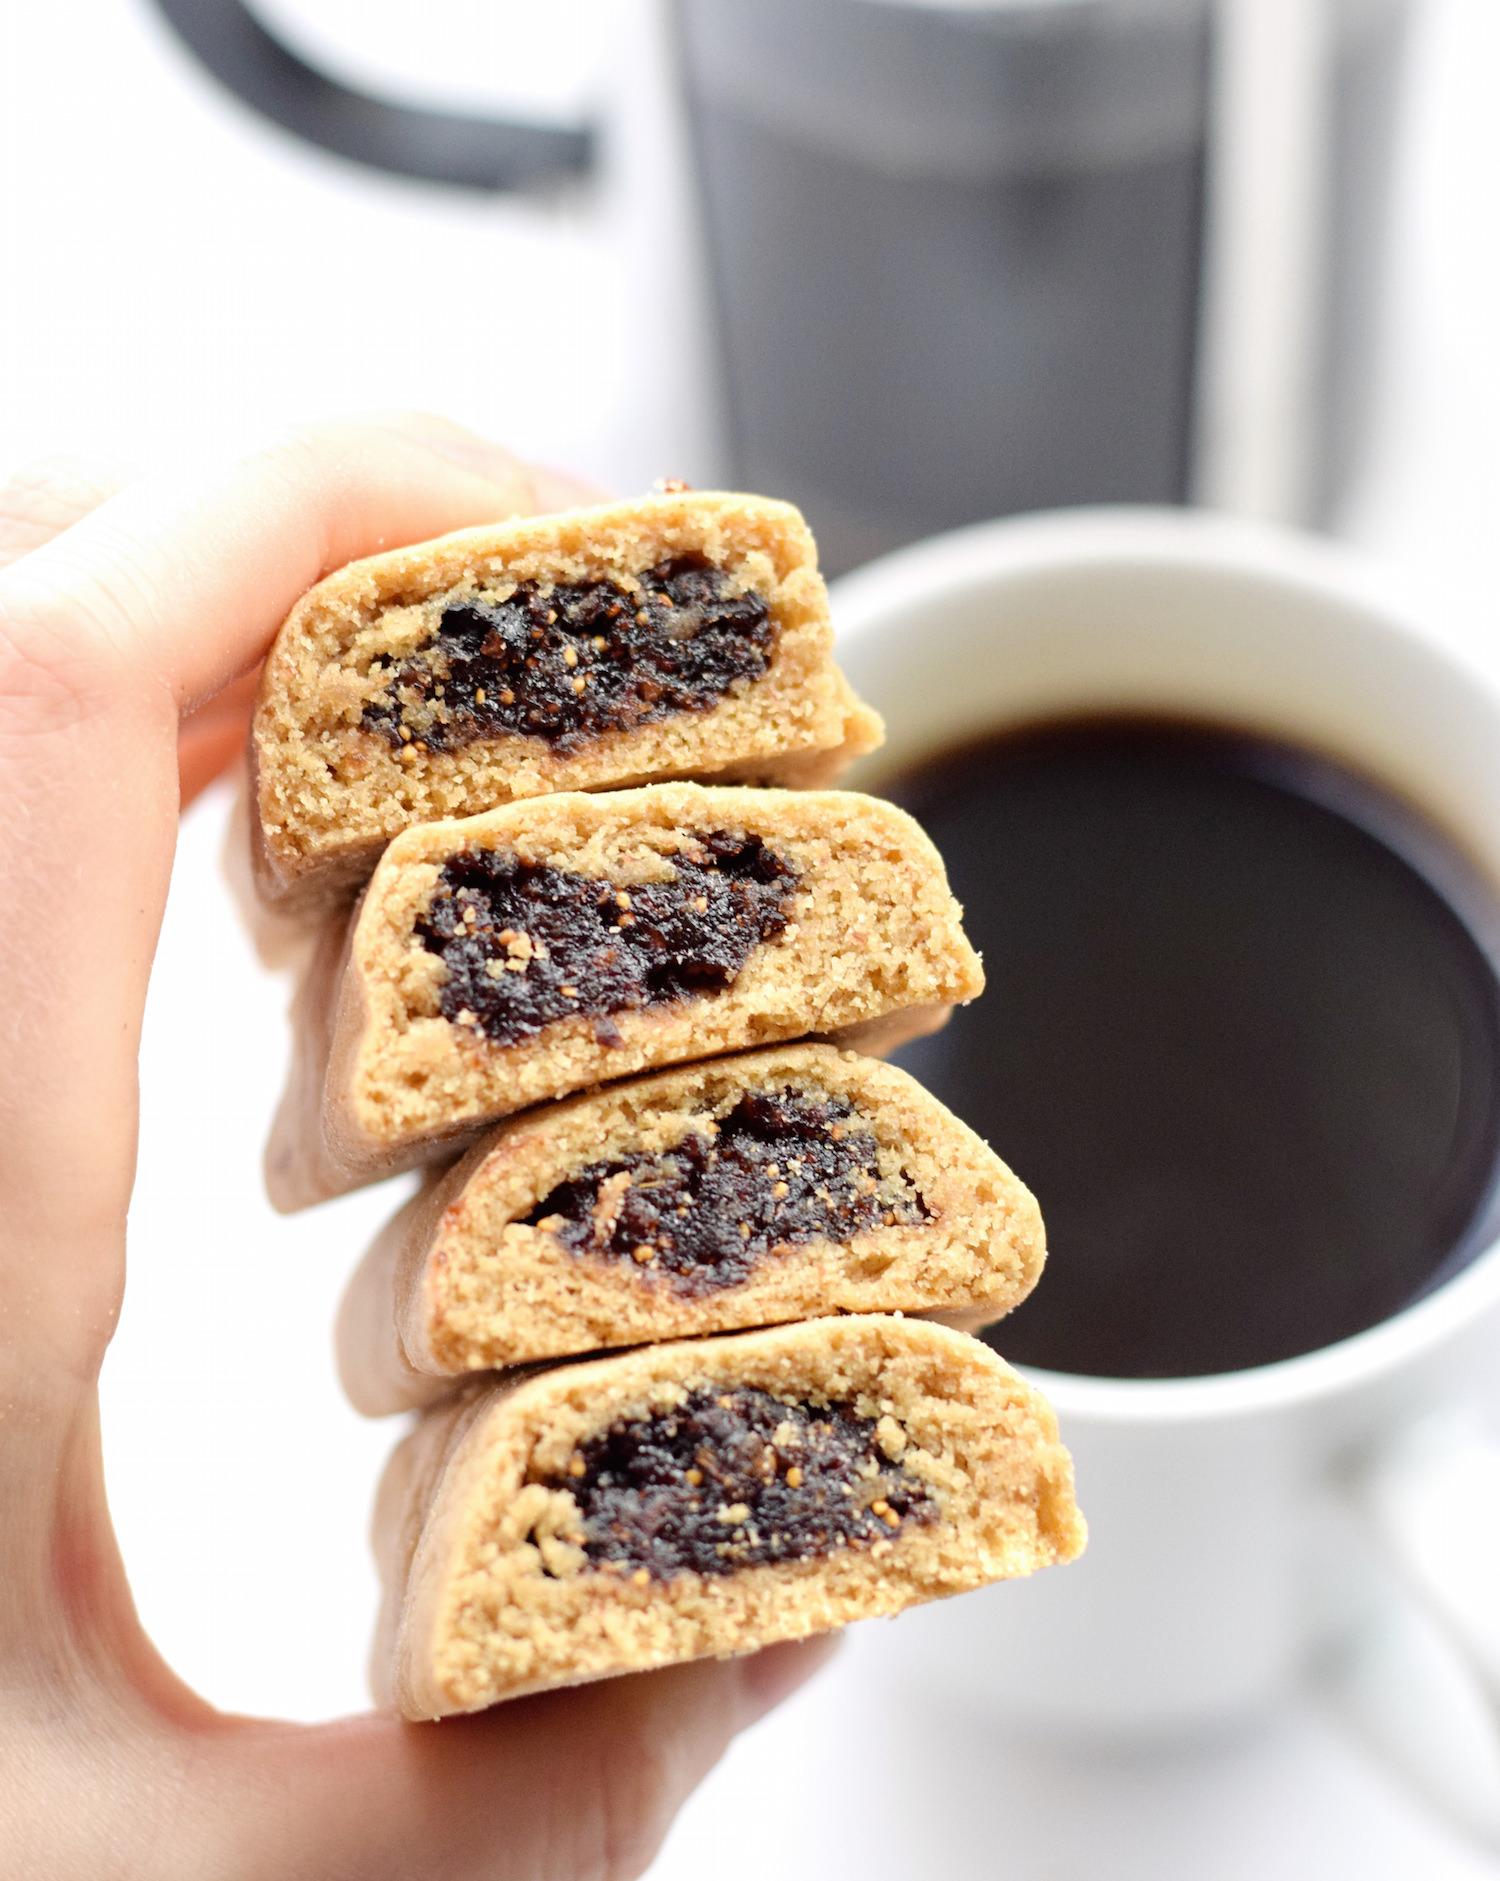 Homemade Fig Newtons | TrufflesandTrends.com